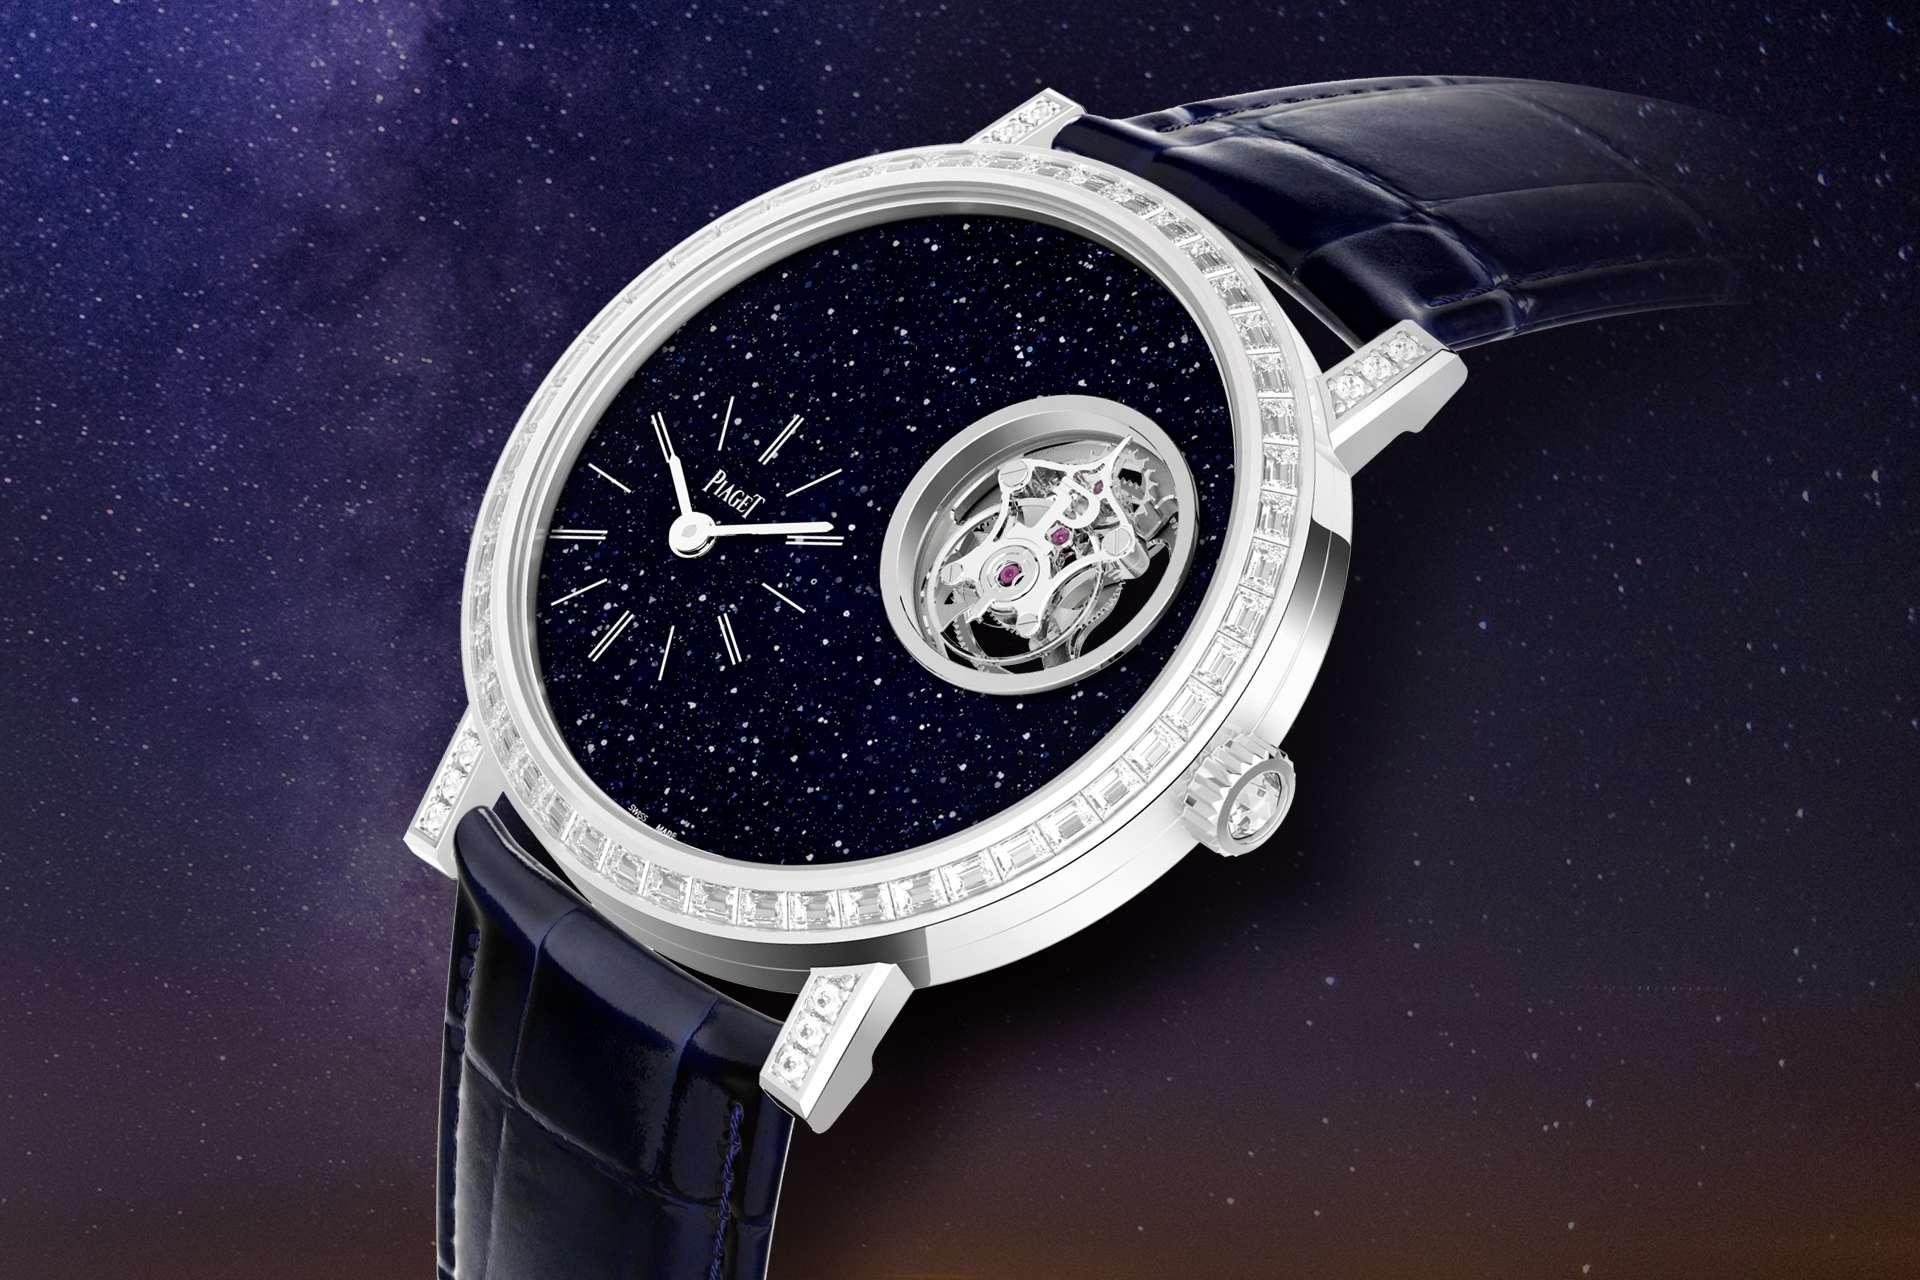 在閃爍星光下飛舞:伯爵發表全新Altiplano系列砂金石面盤陀飛輪腕錶